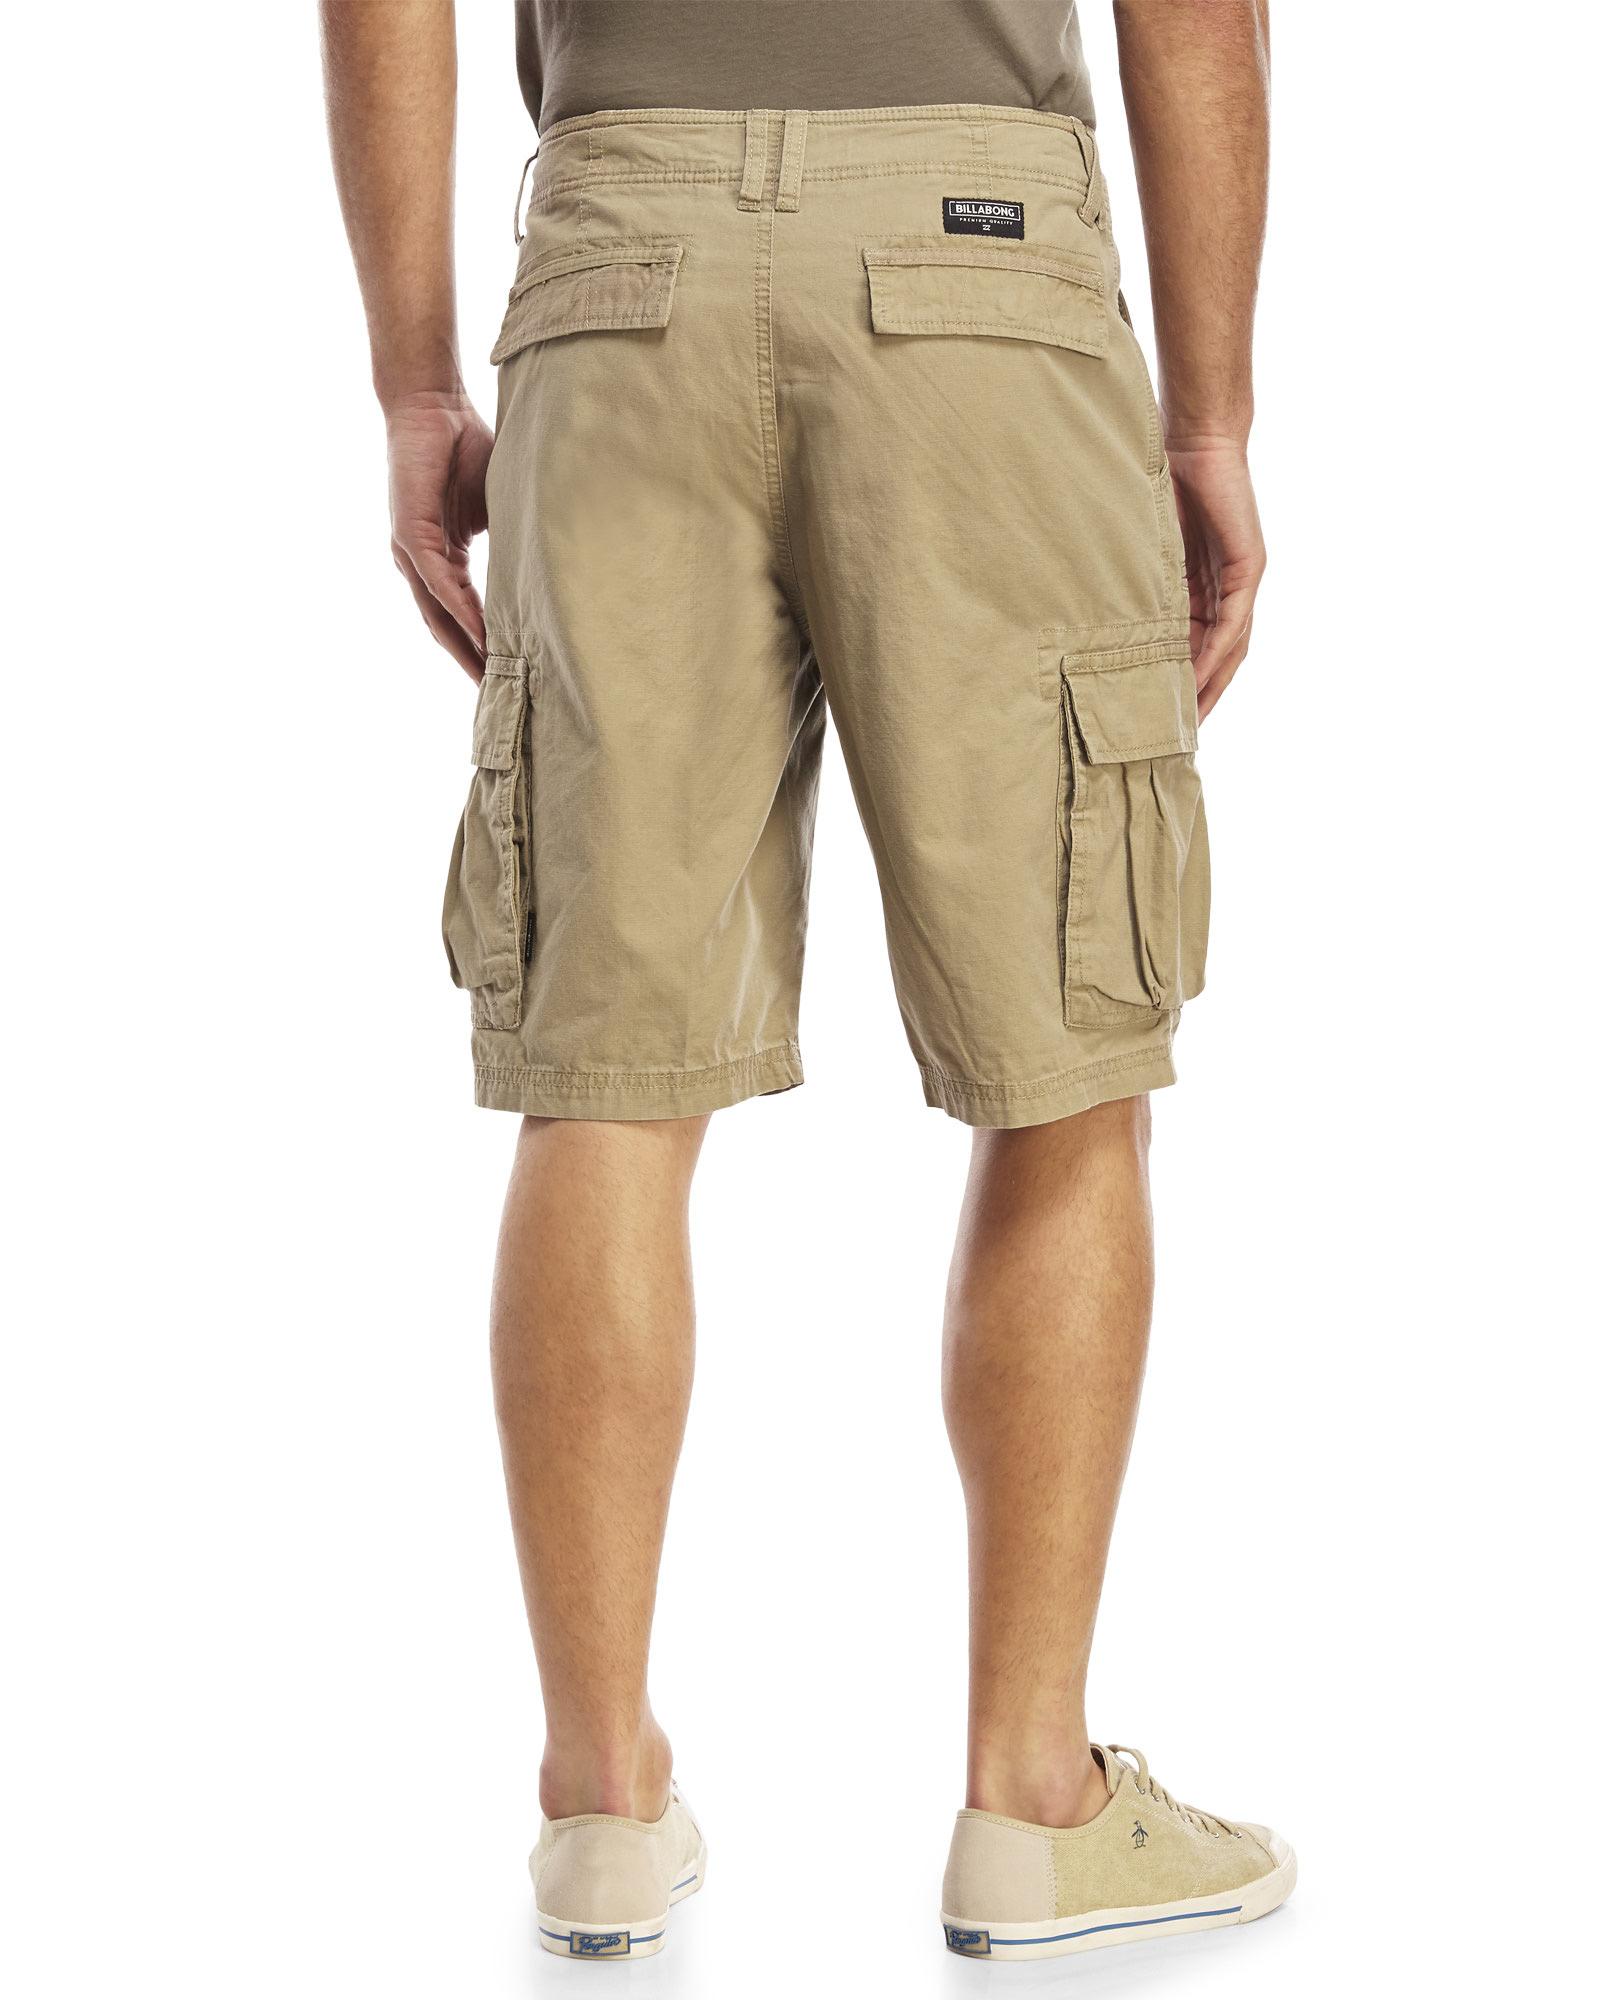 Woven Scheme Billabong Shorts Natural For Men Cargo gYbf7vmI6y